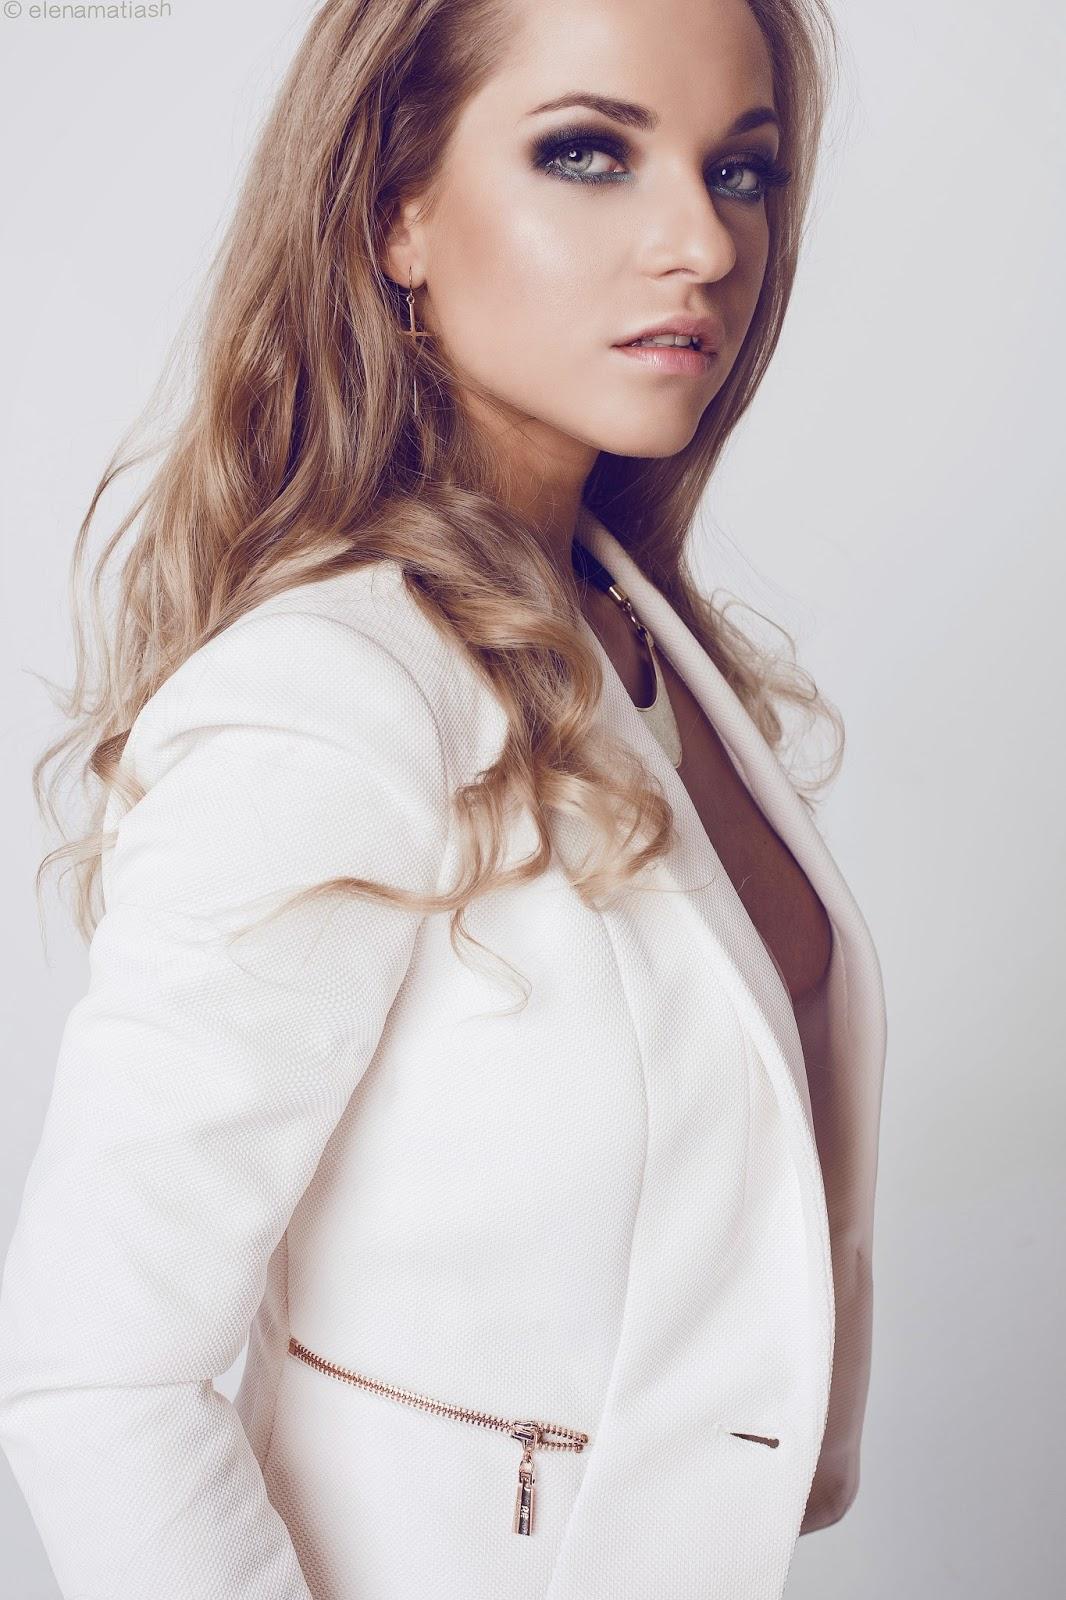 Makijaż Wieczorowy Dla Blondynki Justyna Wróbel